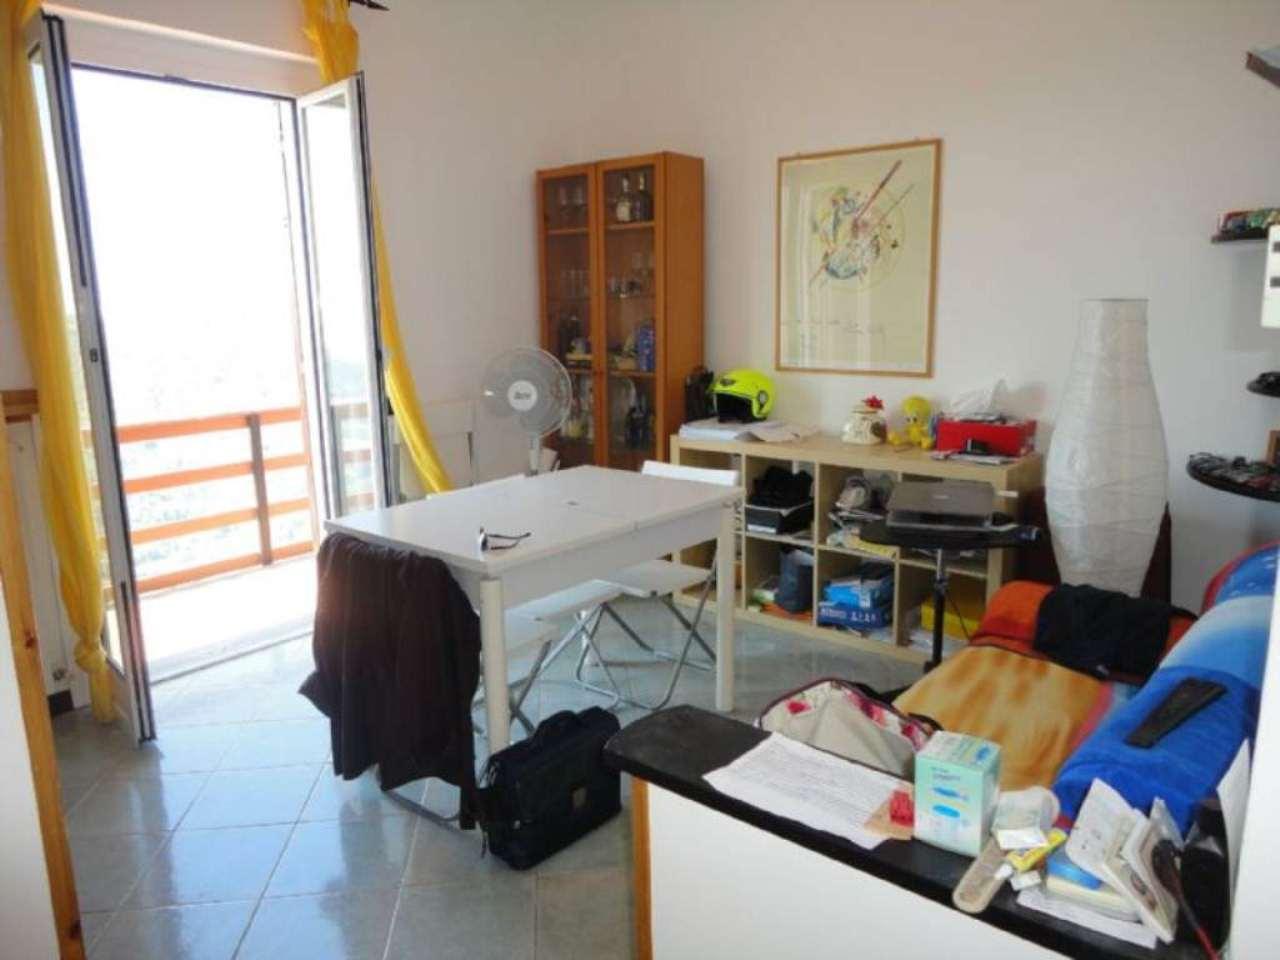 Appartamento in vendita a Carasco, 3 locali, prezzo € 90.000 | CambioCasa.it